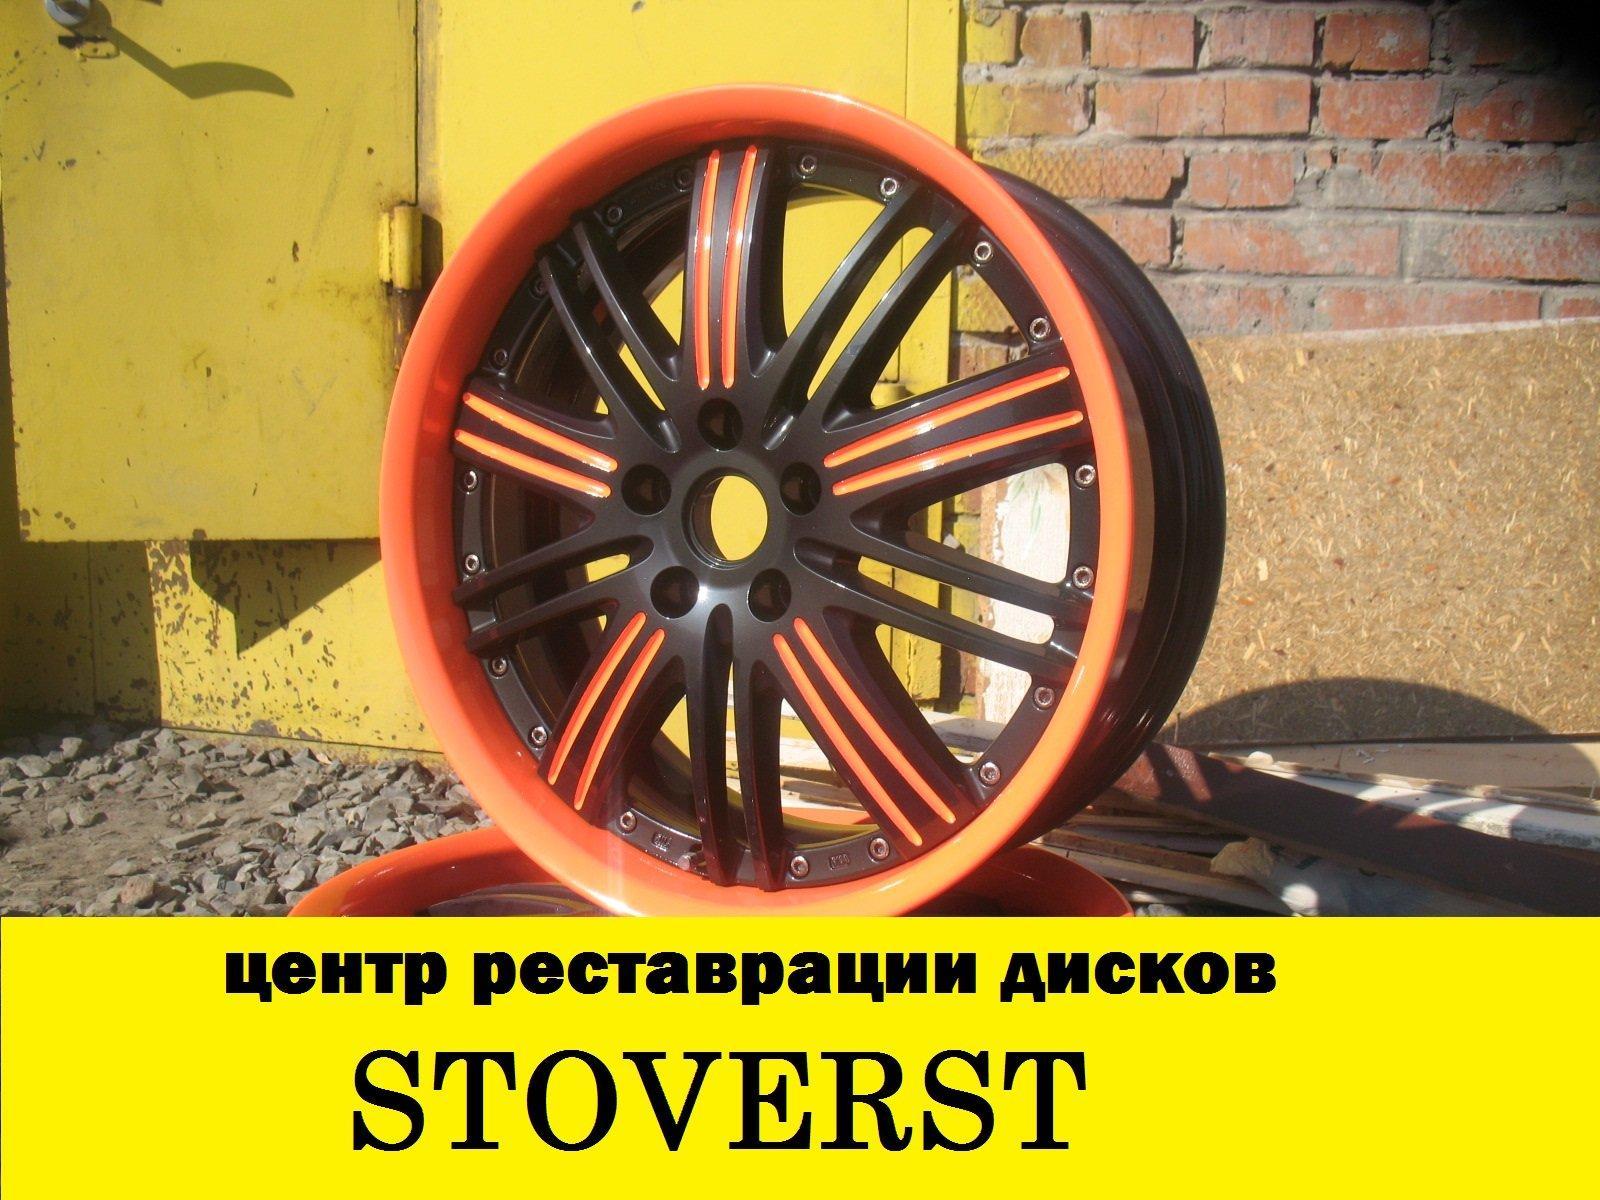 фотография Центр реставрации дисков и шин Stoverst на улице Сибиряков-Гвардейцев